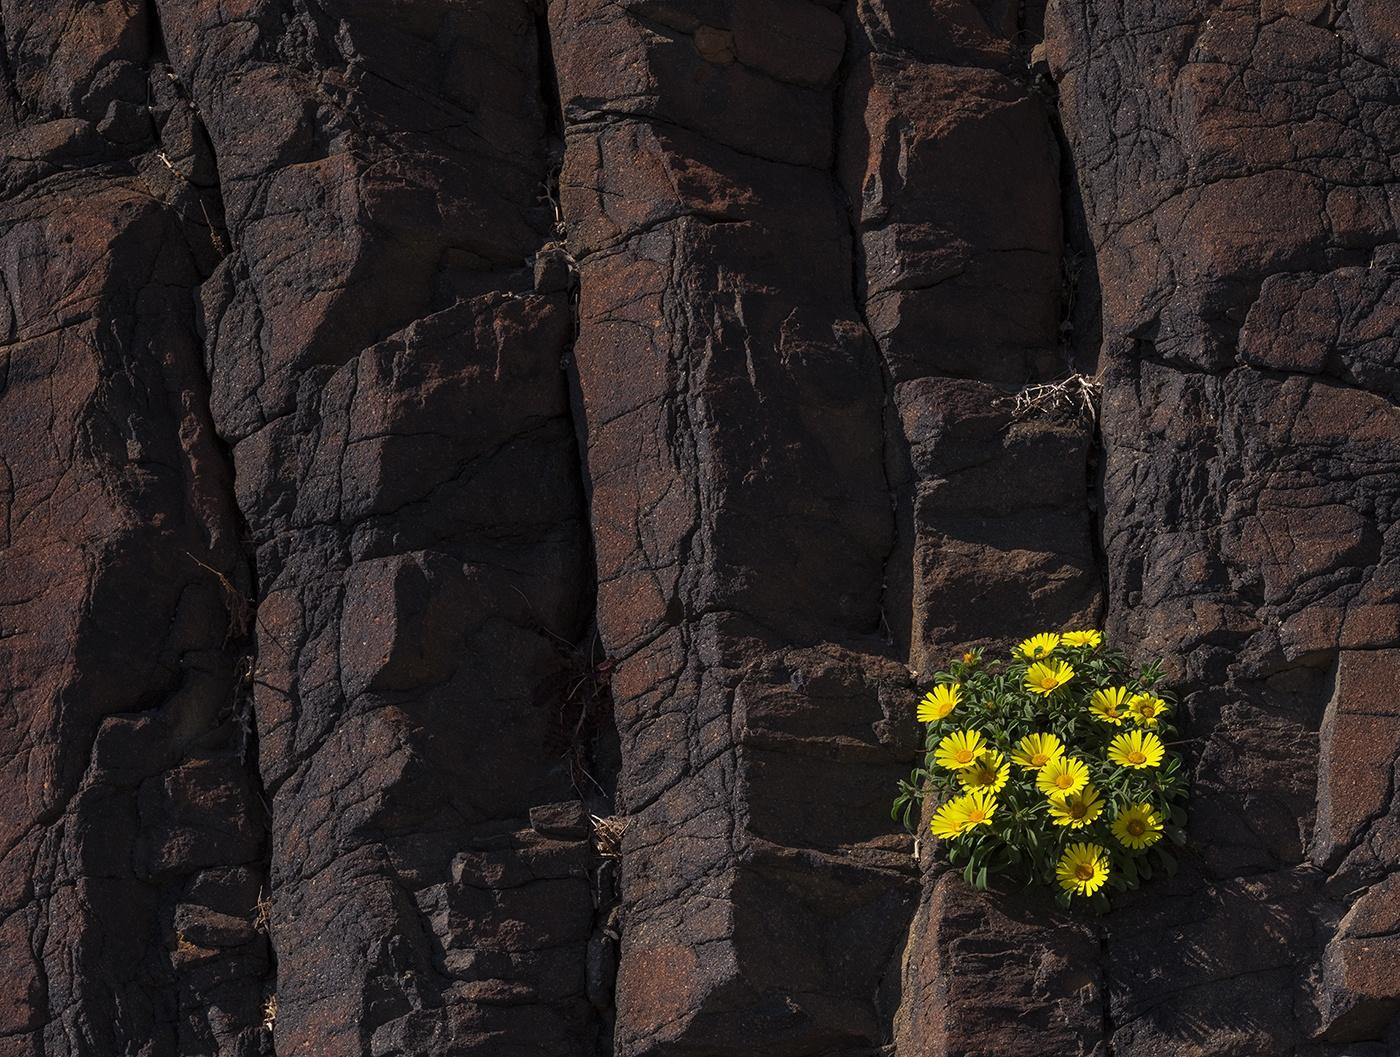 Cabo de Gata - Natural resilience - Peter Manschot Al Andalus Photo Tour, Landscape photography photos prints workshops Andalusia Spain